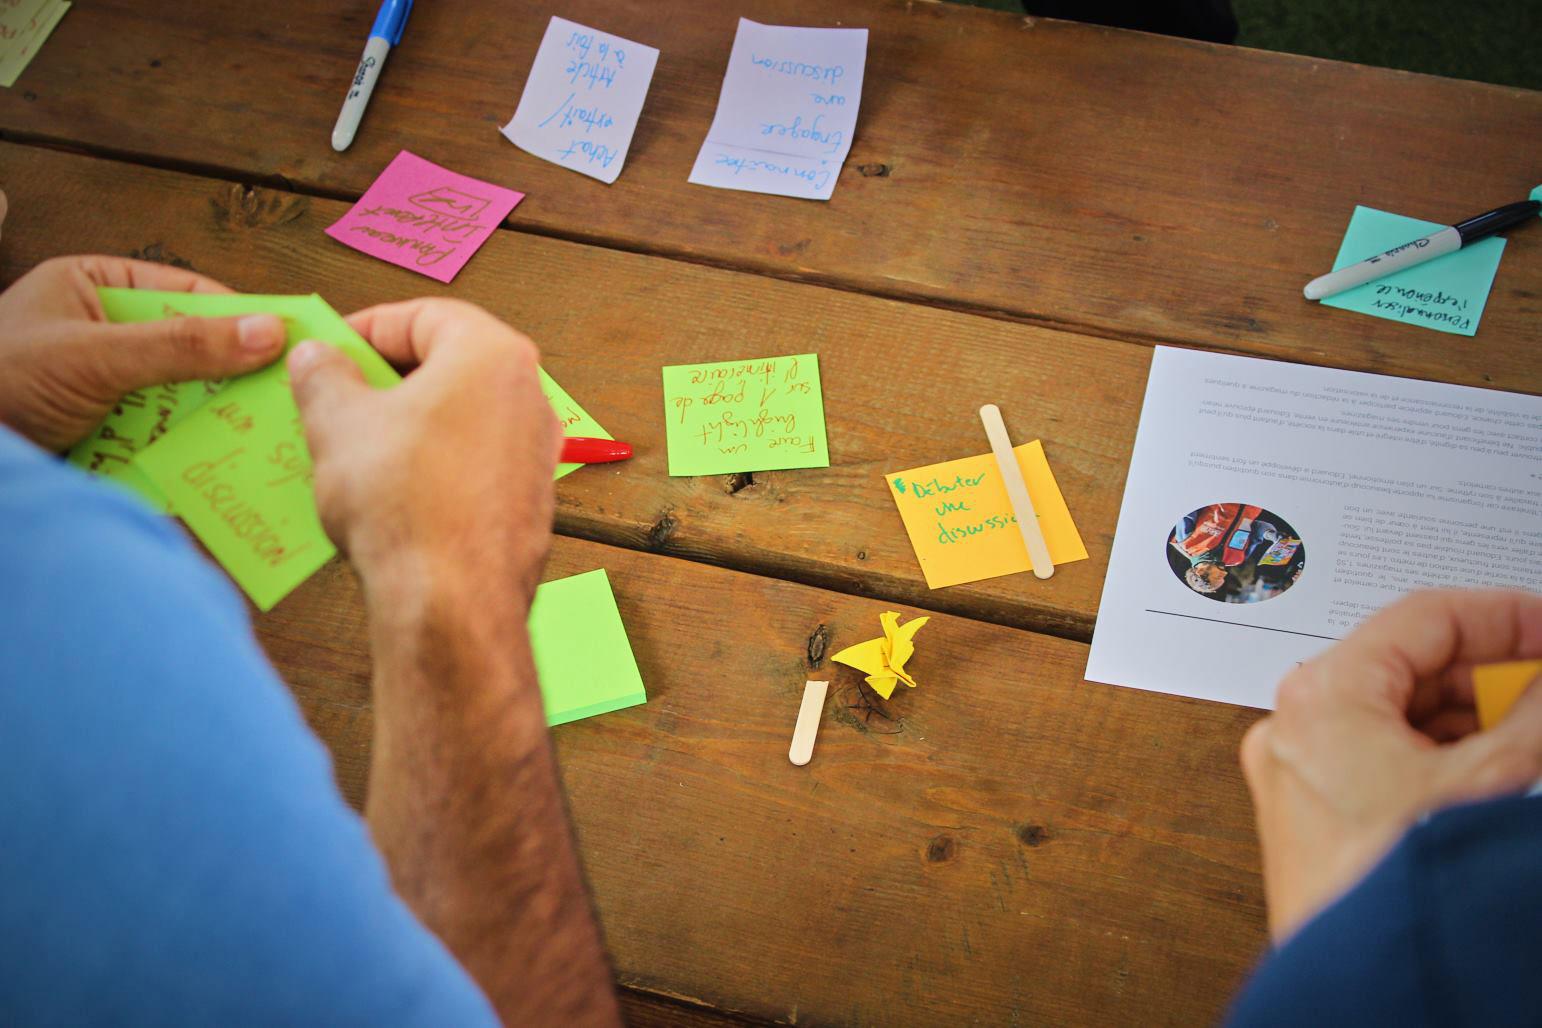 Le Design Thinking au service de la jeunesse du Québec